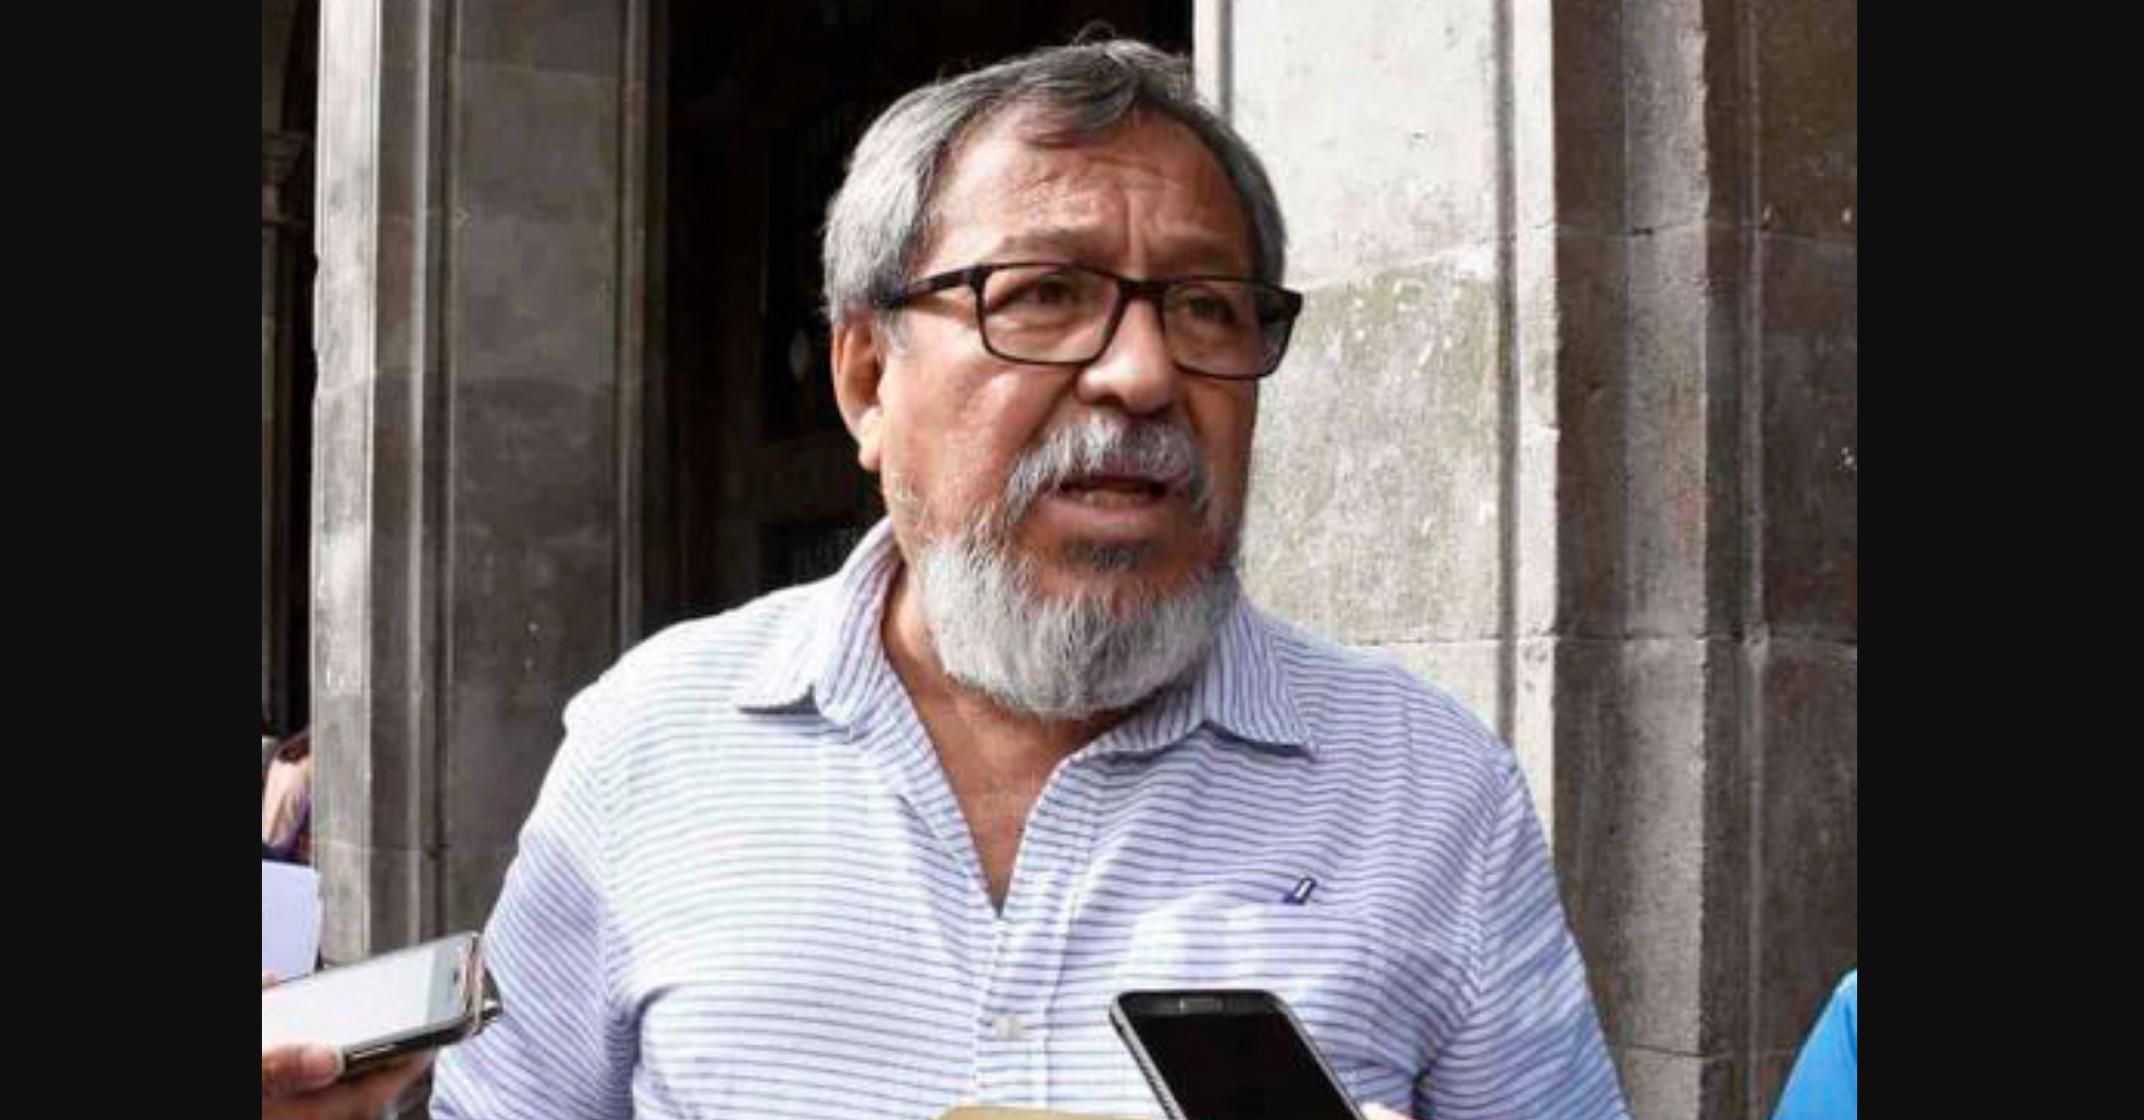 Matan a ambientalista en Jiutepec, Morelos; es el segundo defensor asesinado en 2020